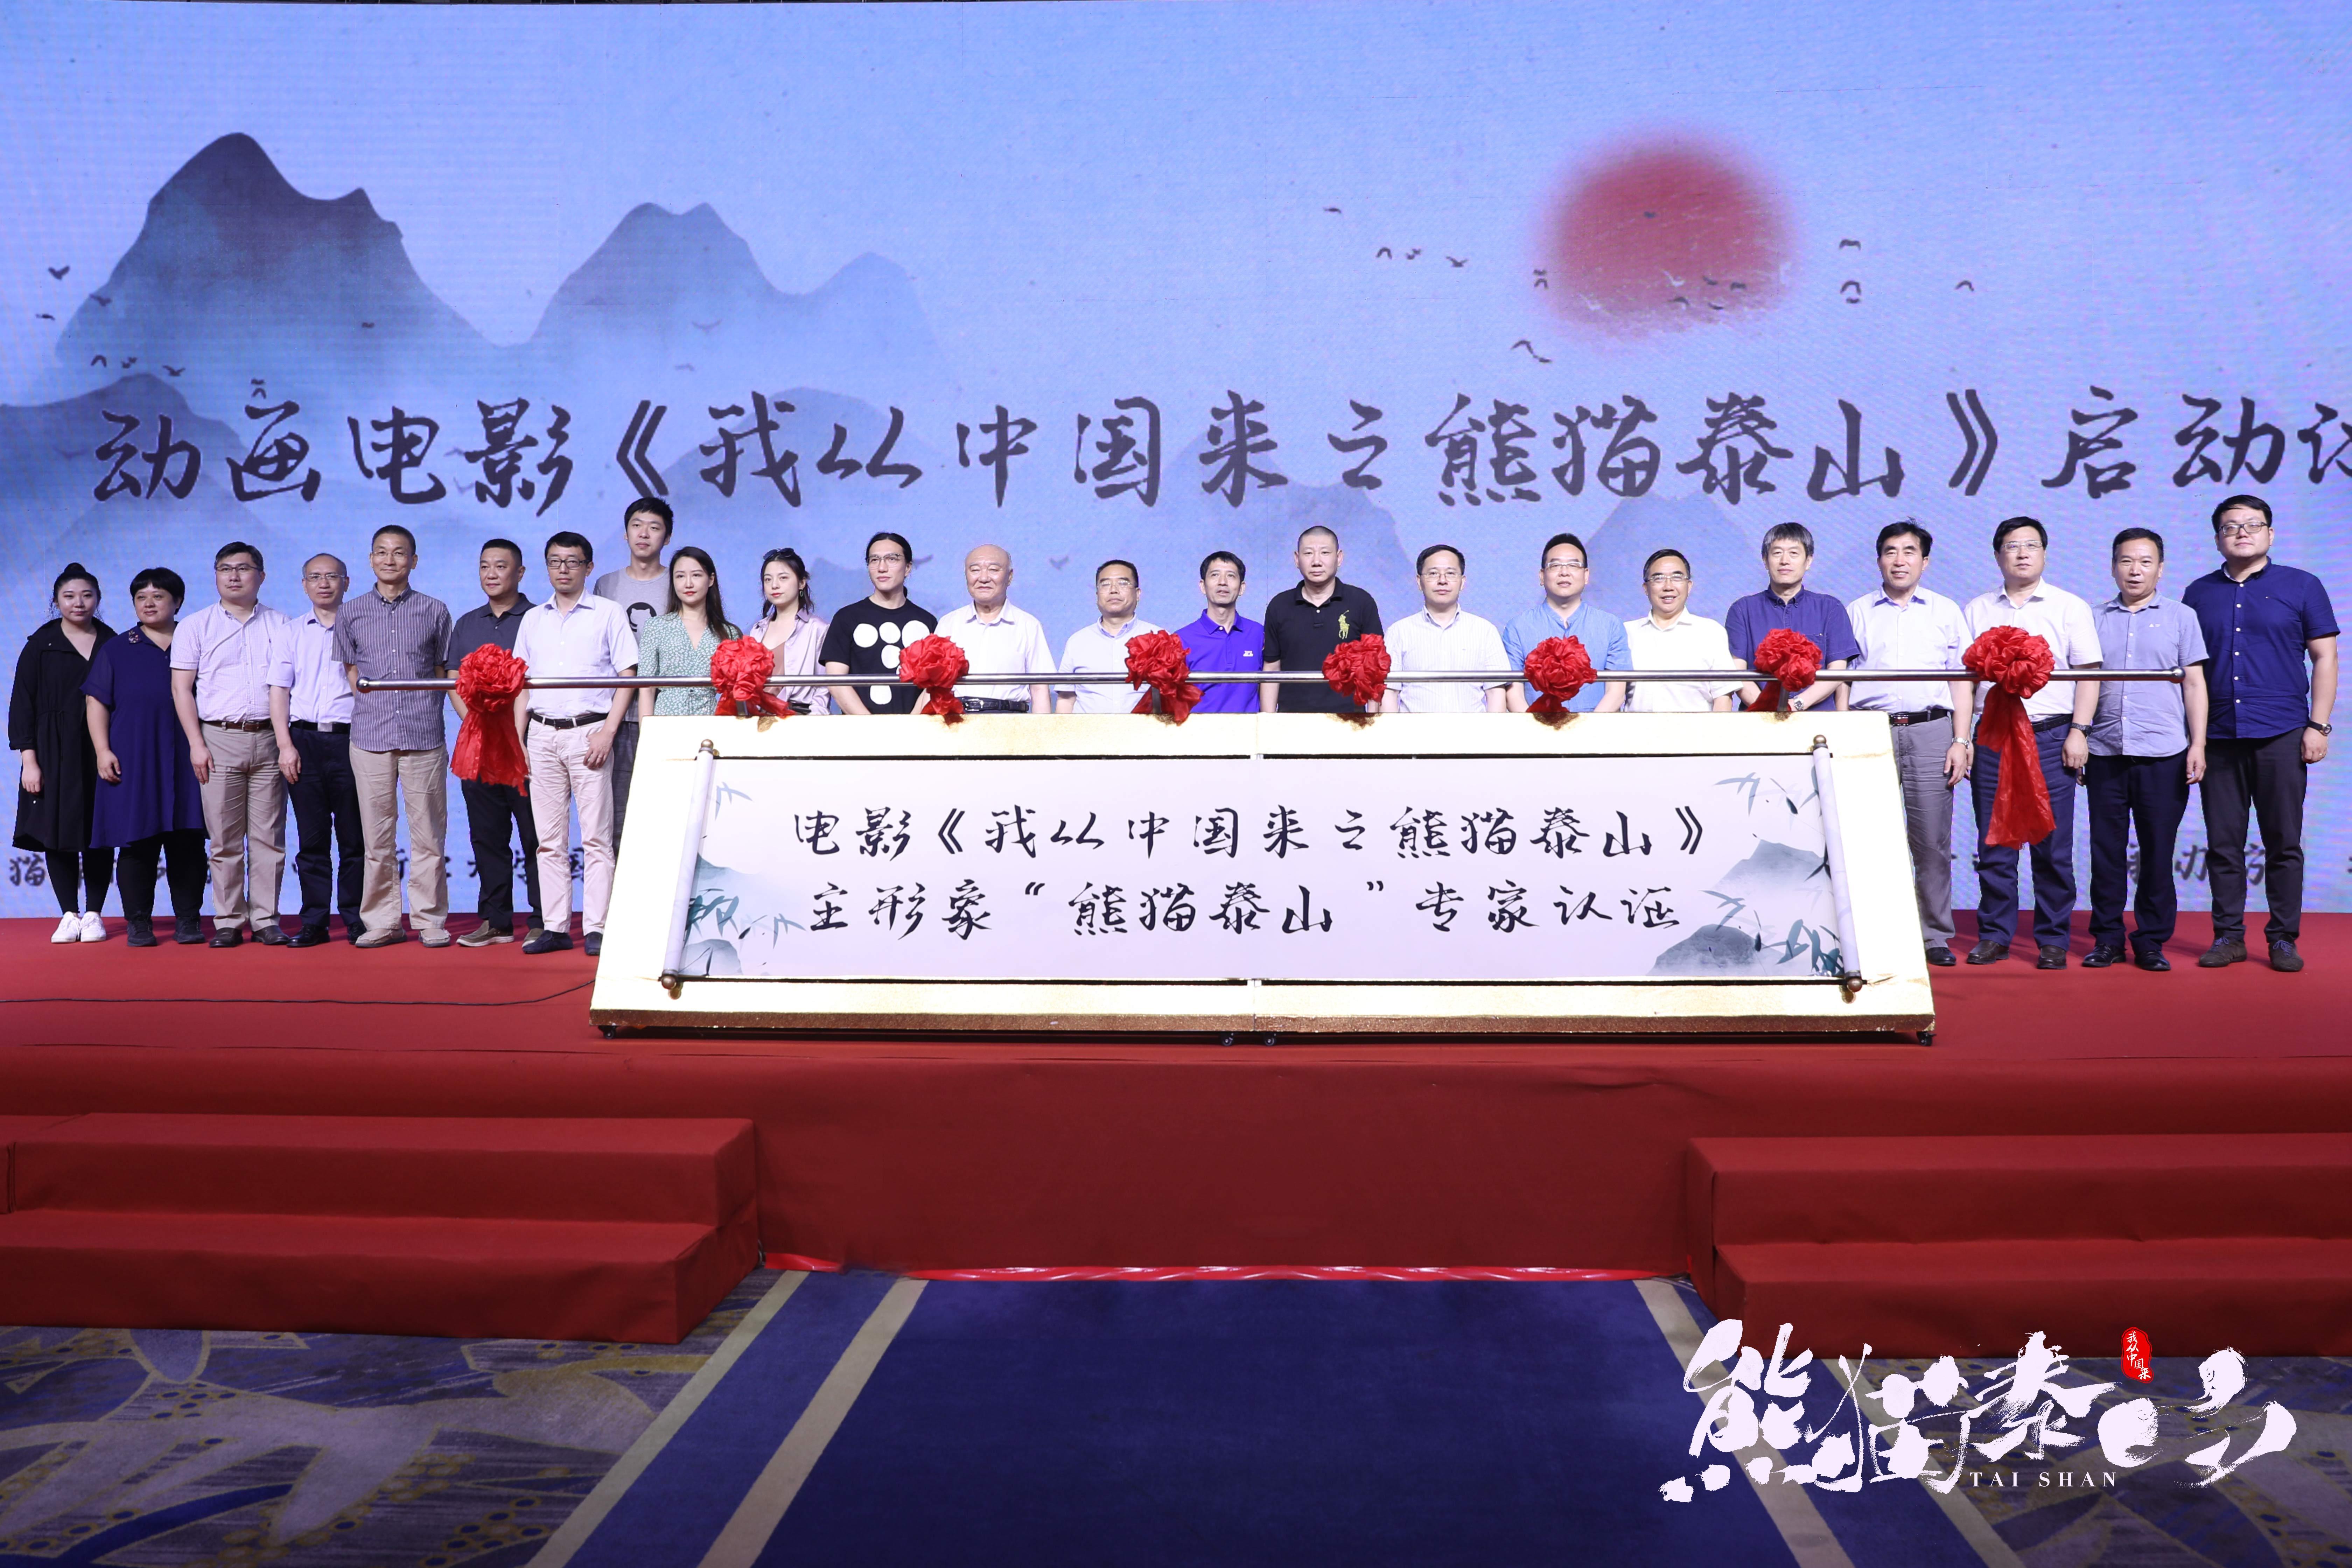 《我从中国来之熊猫泰山》启动匠心打造中国首部大熊猫电影